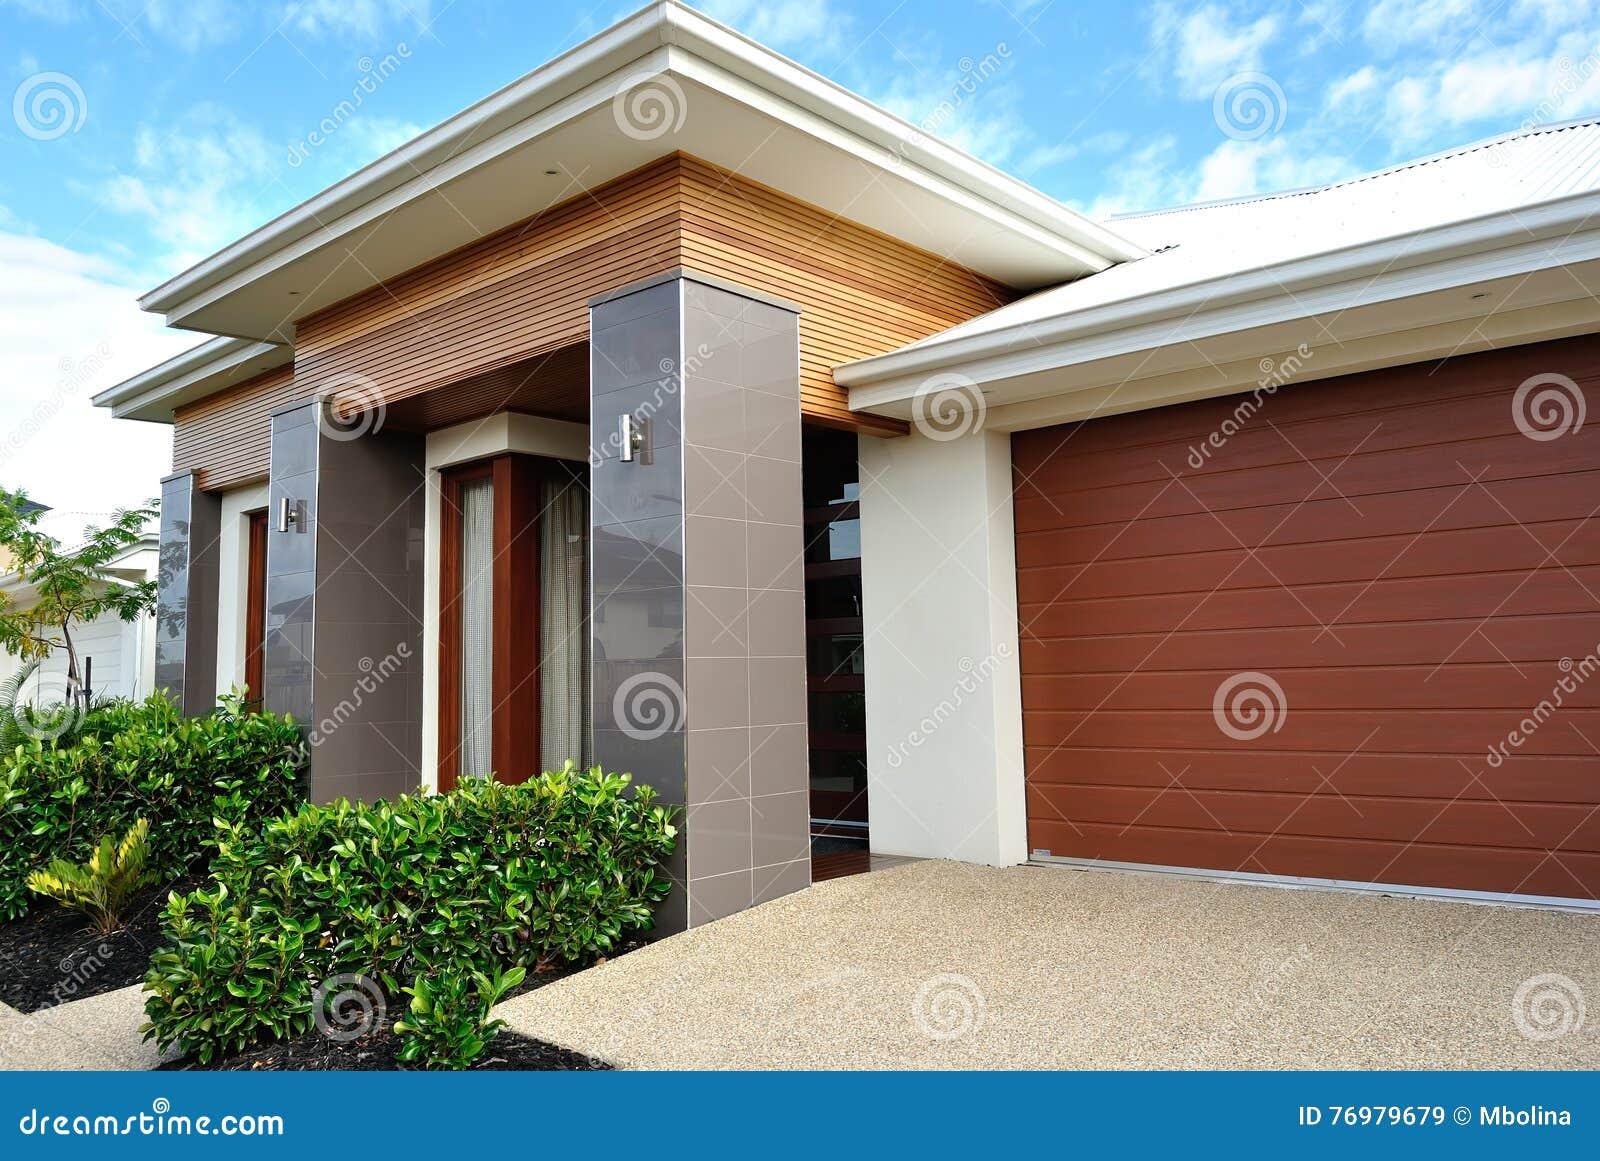 Maisons Modernes Dans Le Voisinage Suburbain Image stock - Image du ...